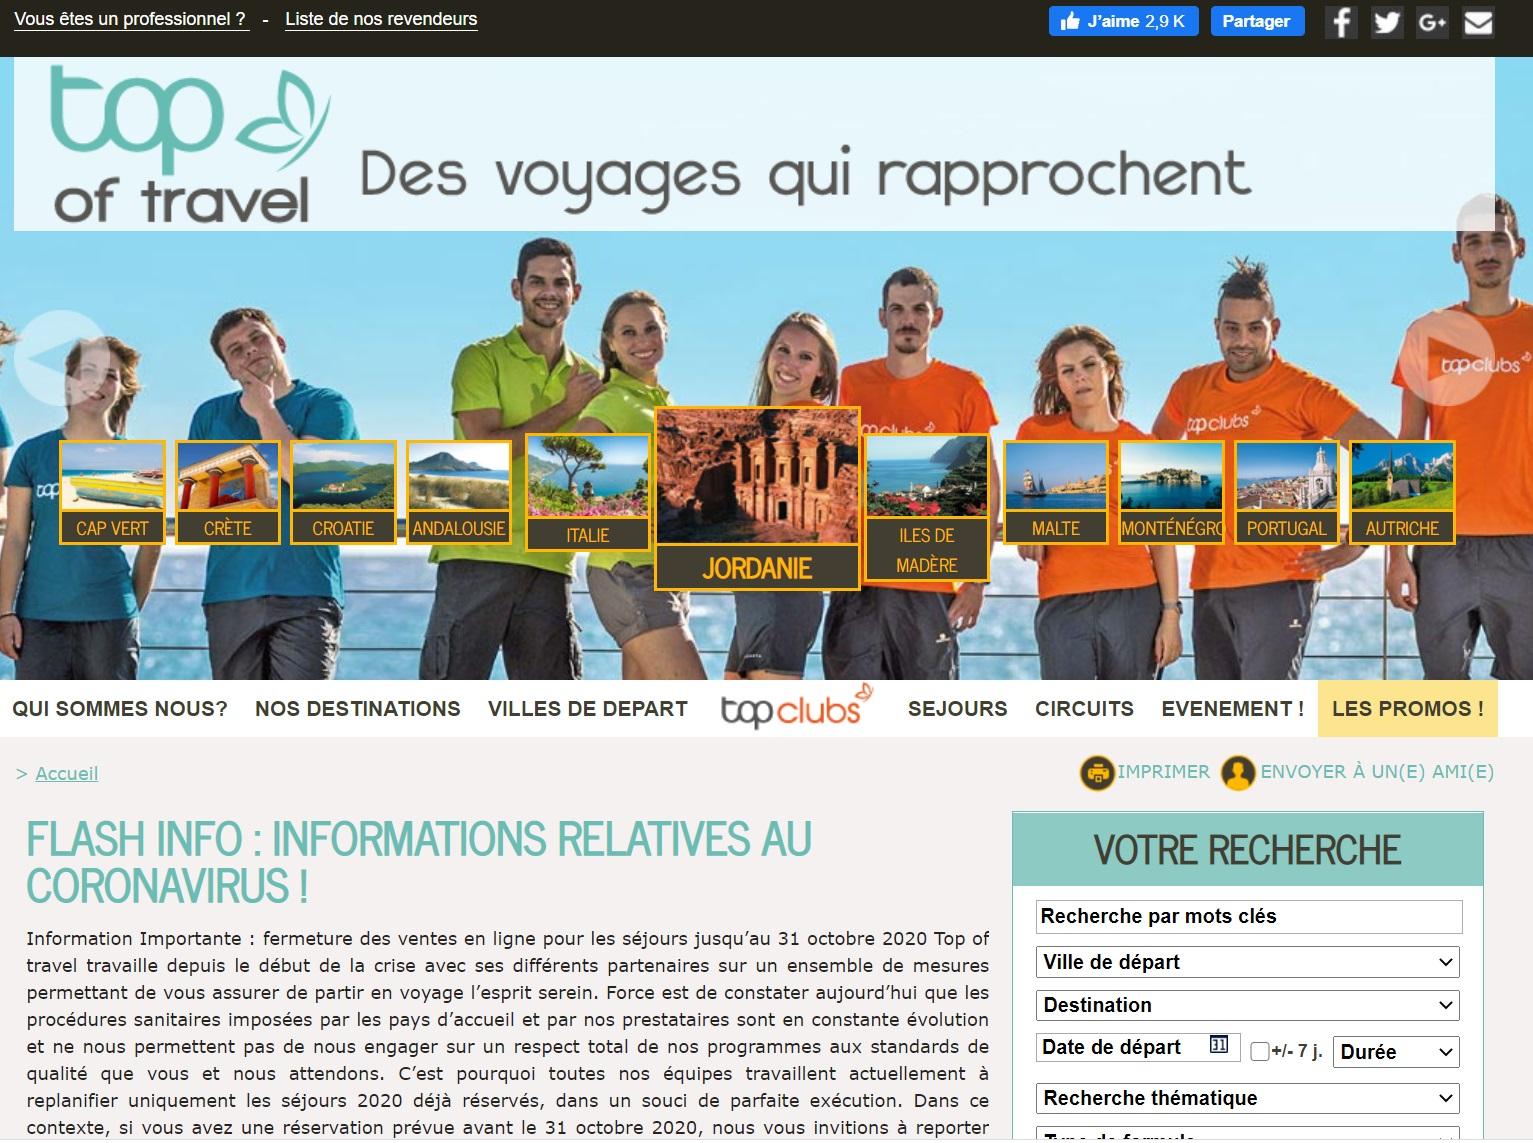 Le site web de Top of travel - DR